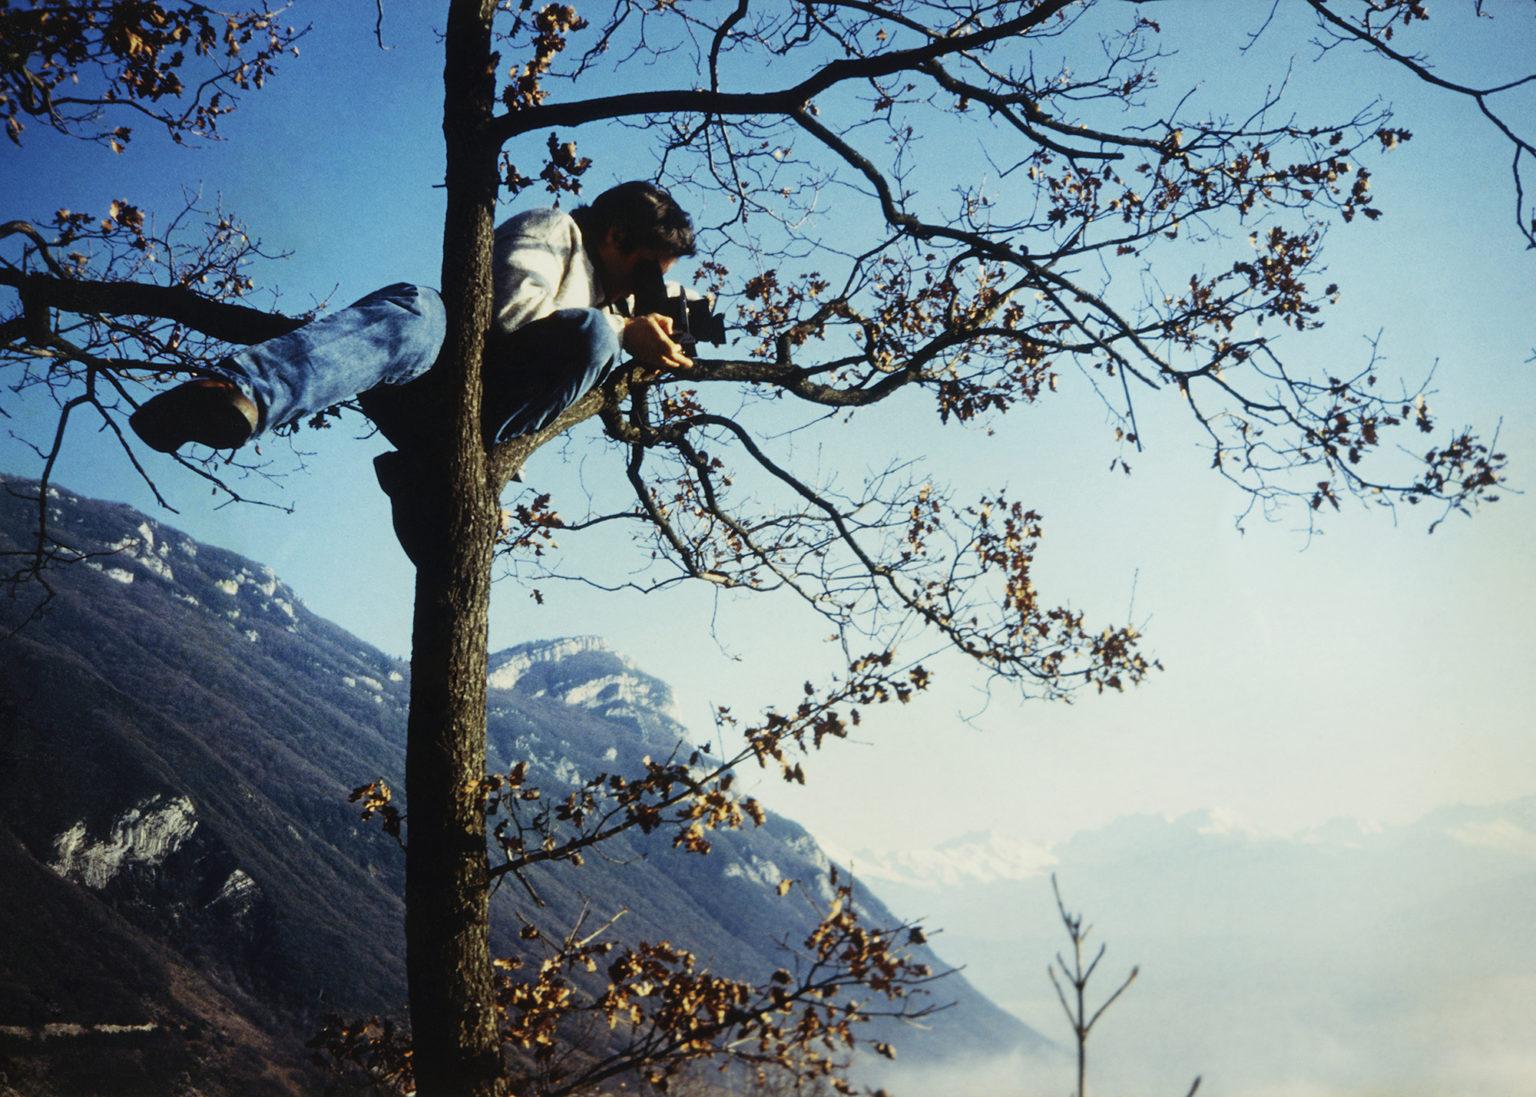 © Le photographe, Michel, 1988 - 1990, Lise Dua